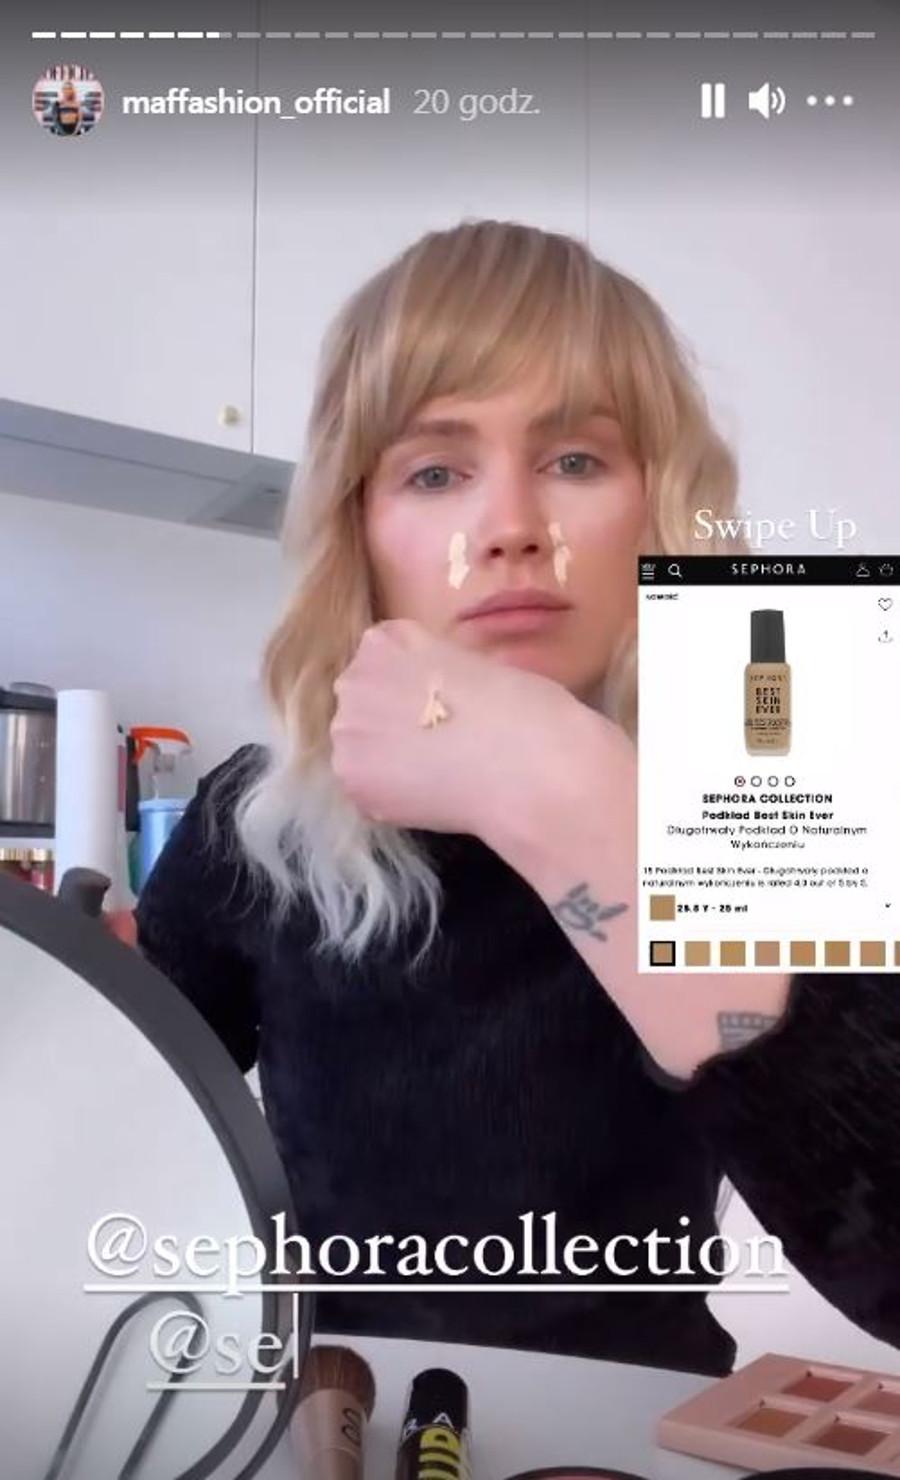 Minimalistyczny makijaż Maffashion.